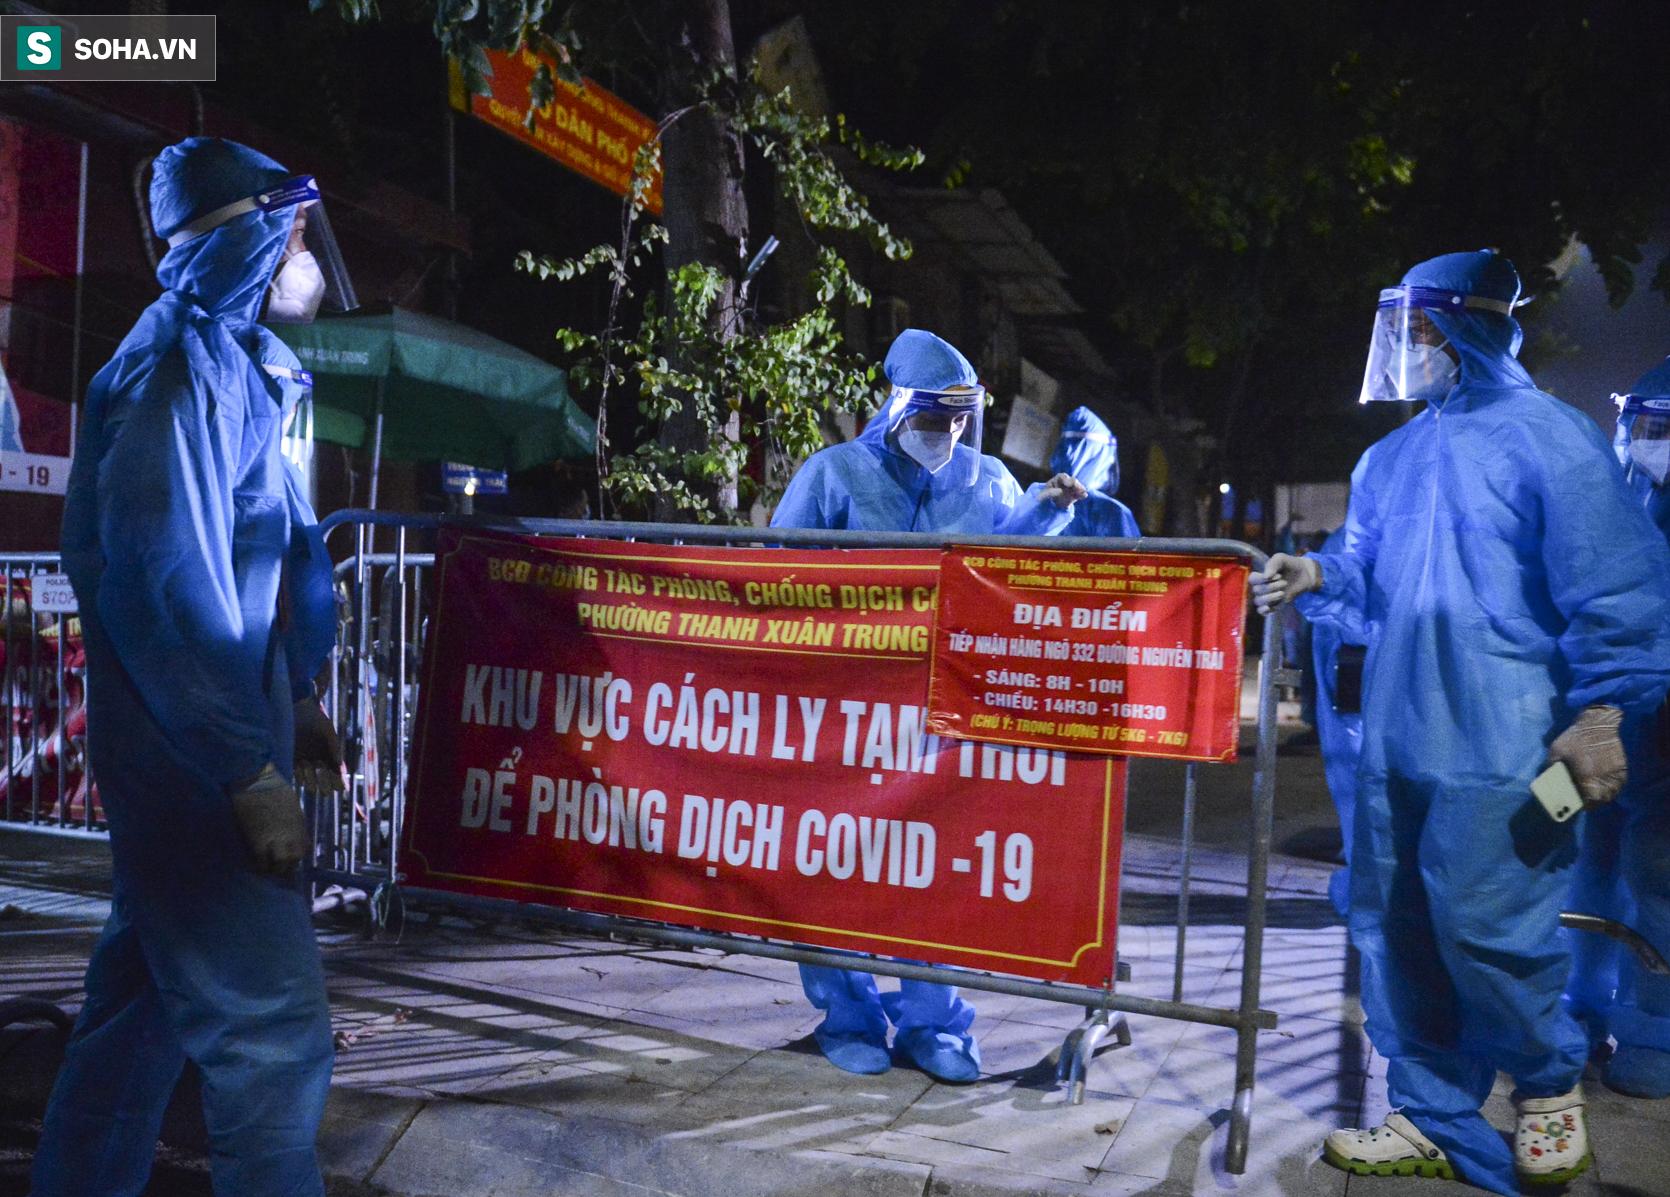 Hà Nội: Dỡ phong toả ổ dịch Thanh Xuân Trung, nhân viên y tế vui mừng bật khóc nức nở - Ảnh 5.